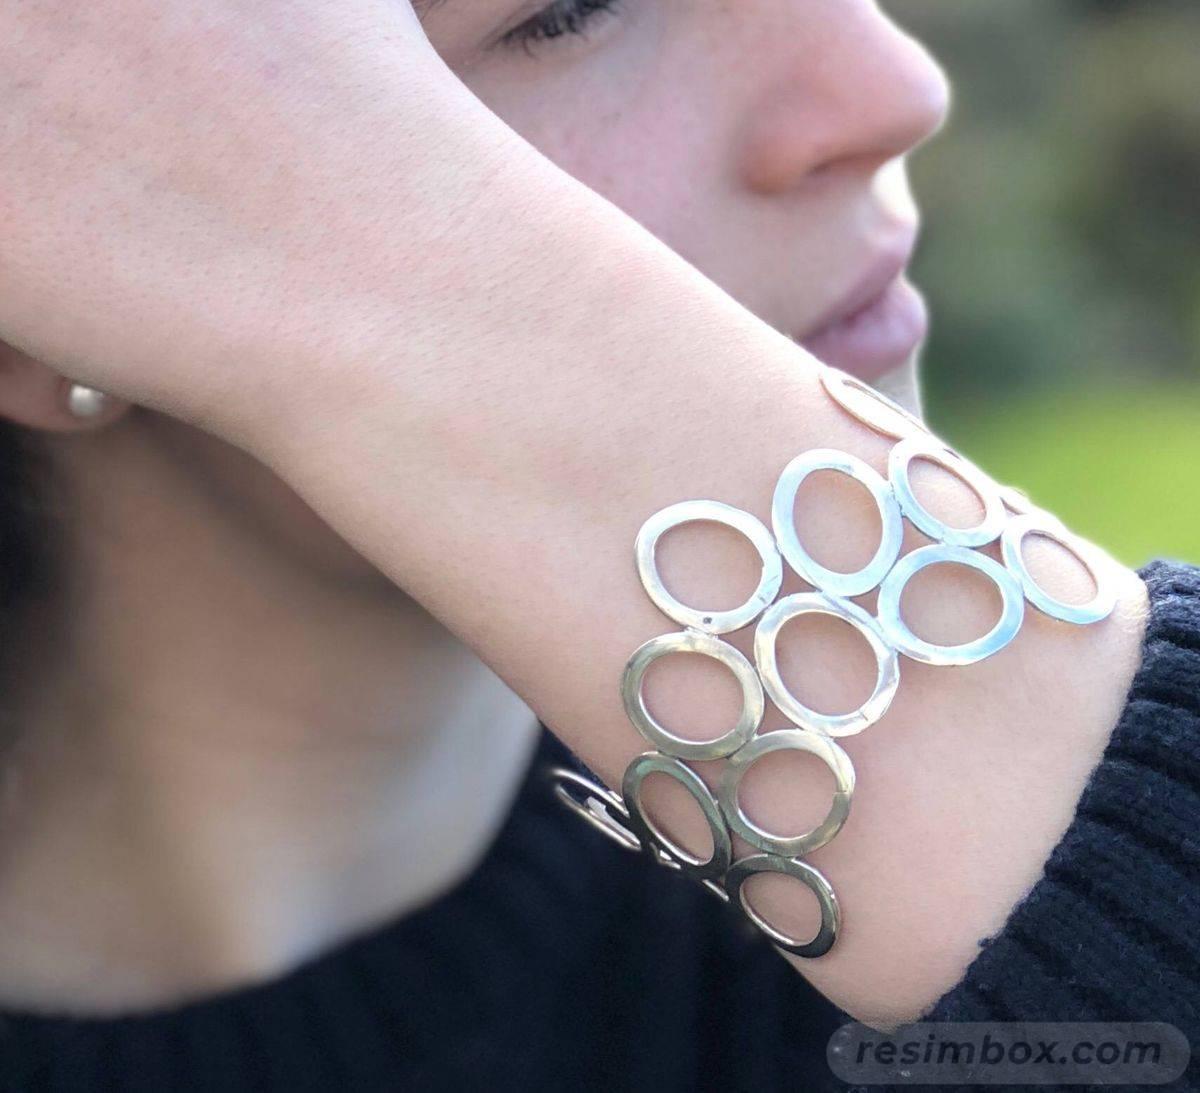 Bangle bracelets-AU6b_8m0zYub9PXwaunKzgeL2otCGvUoOkQY-RgqVIuWLky4htc0774